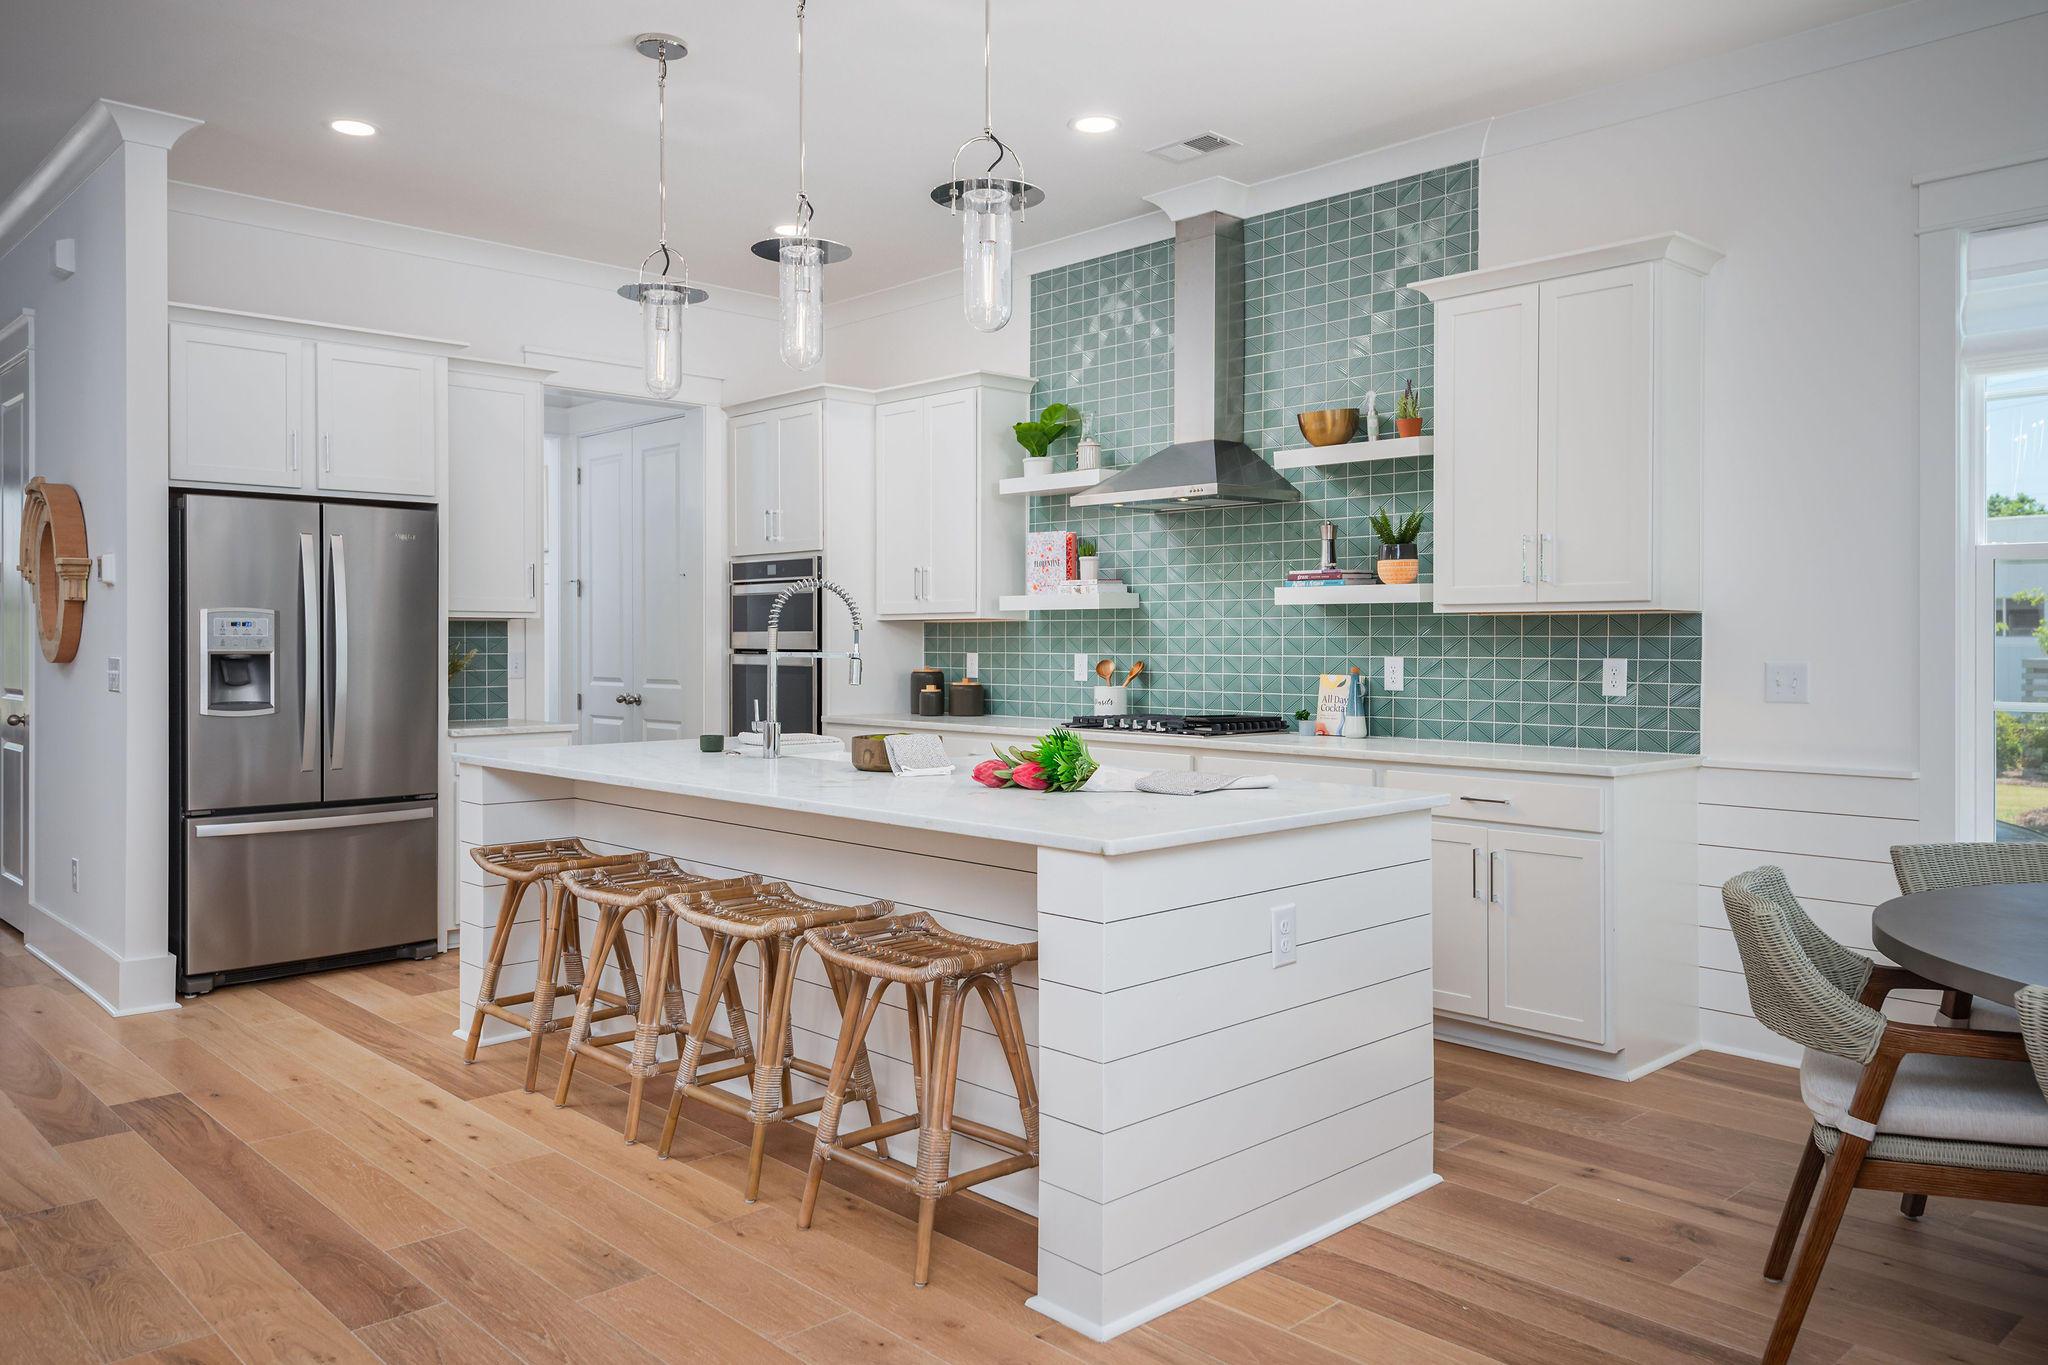 Midtown Homes For Sale - 1523 Low Park, Mount Pleasant, SC - 2